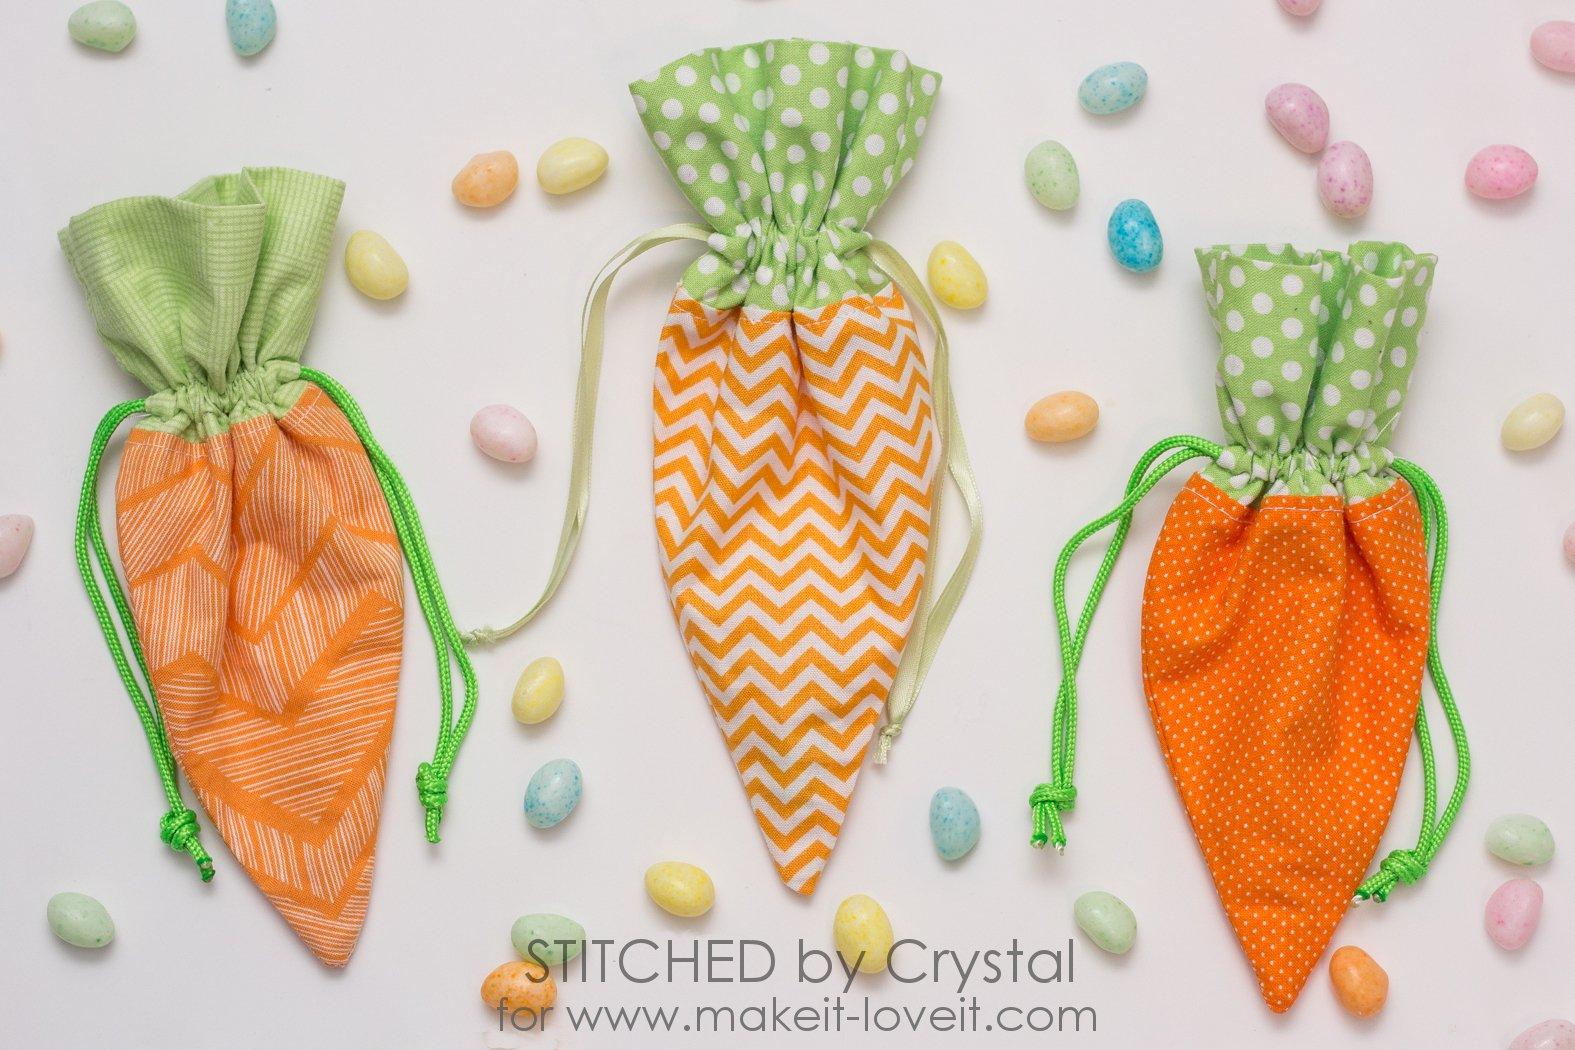 Sew a DIY Carrot Treat Bag for Easter!   via www.makeit-loveit.com